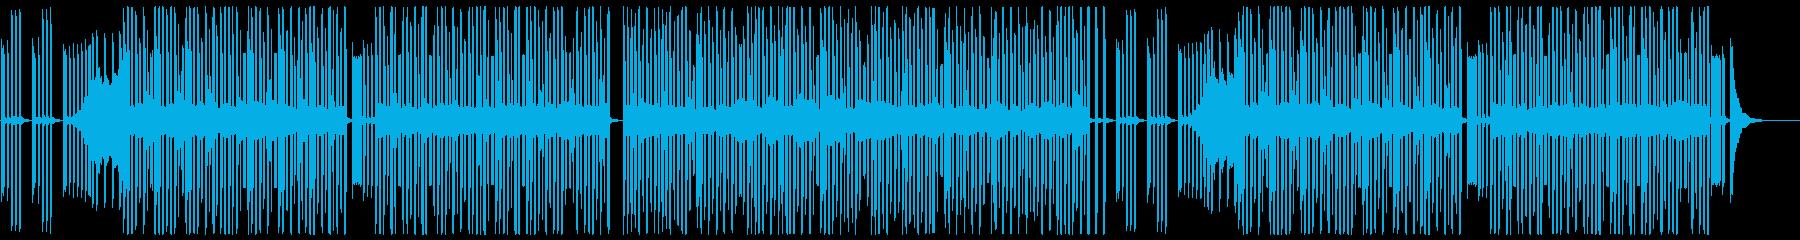 3分クッキングっぽい曲_ショートverの再生済みの波形